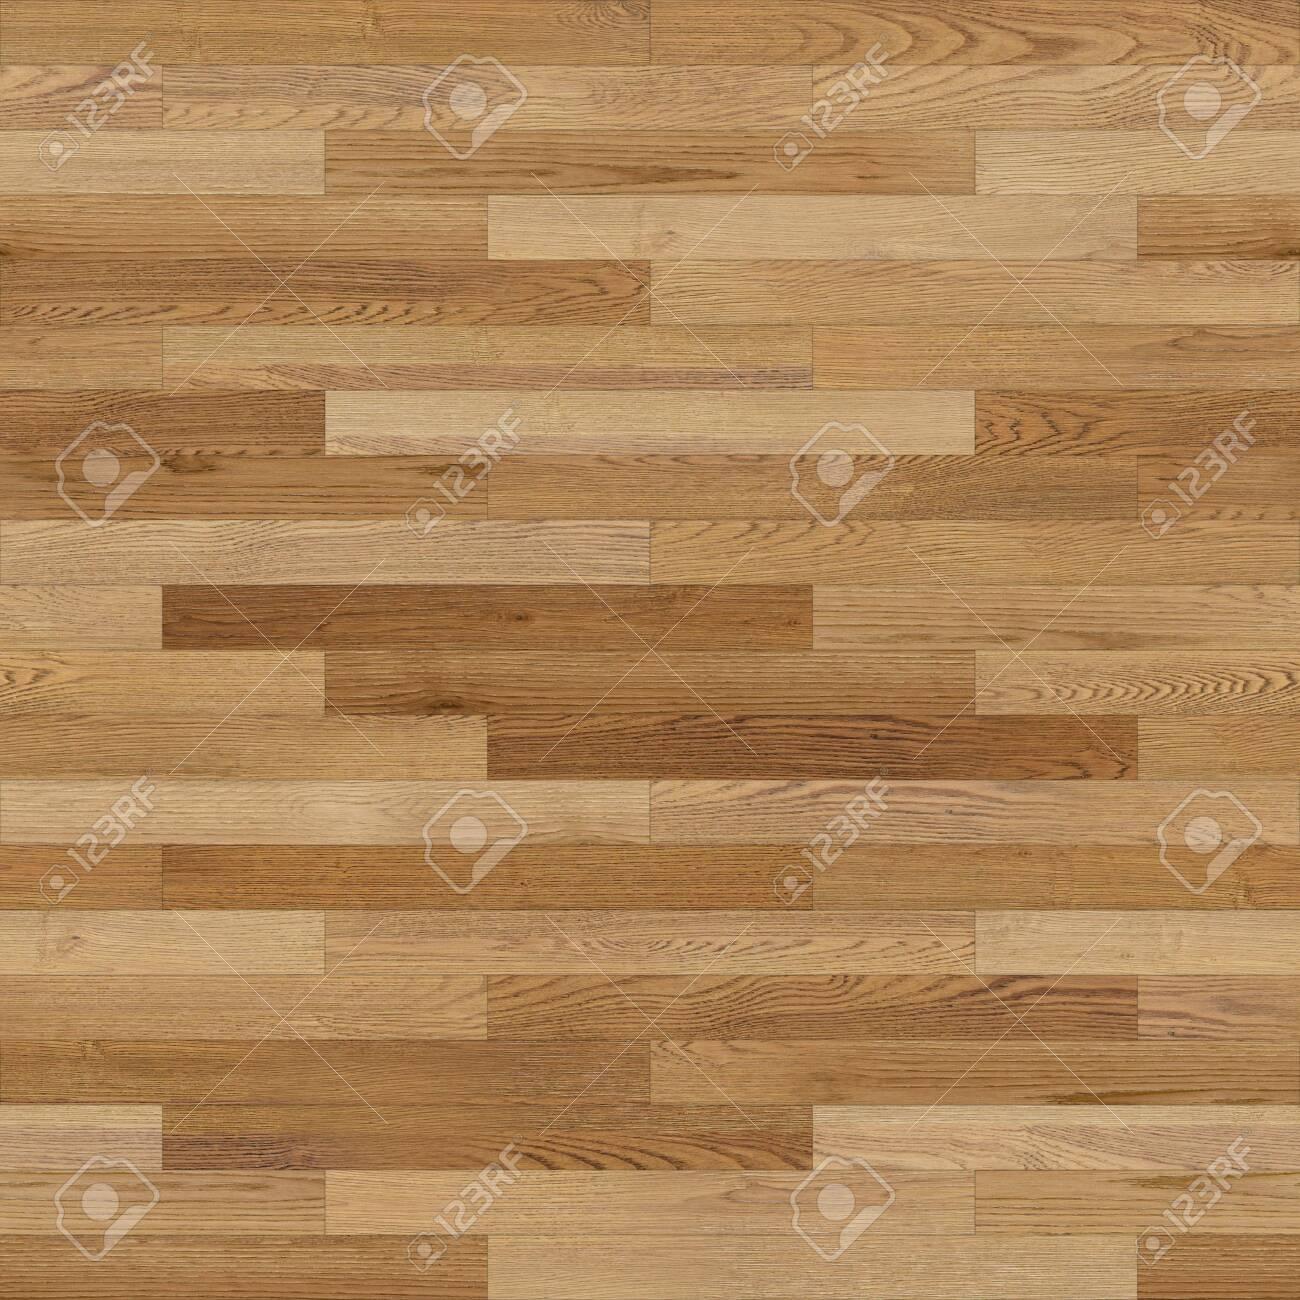 Seamless wood parquet texture (linear light brown) - 126240152